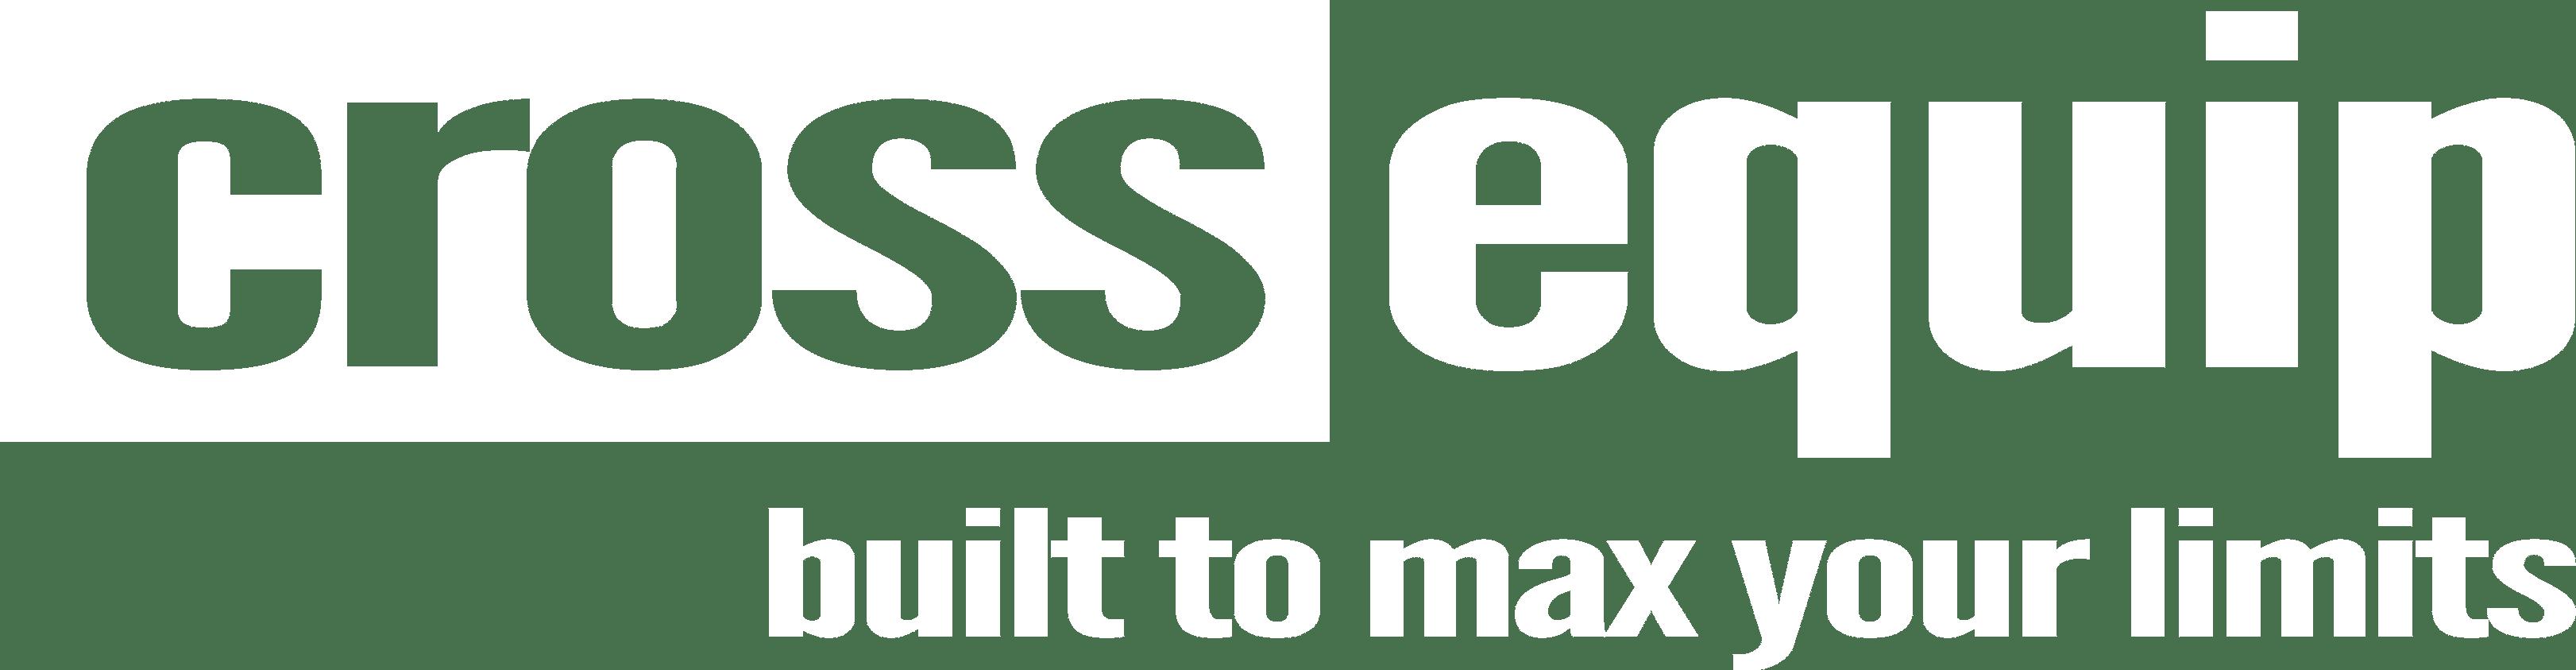 cross equip